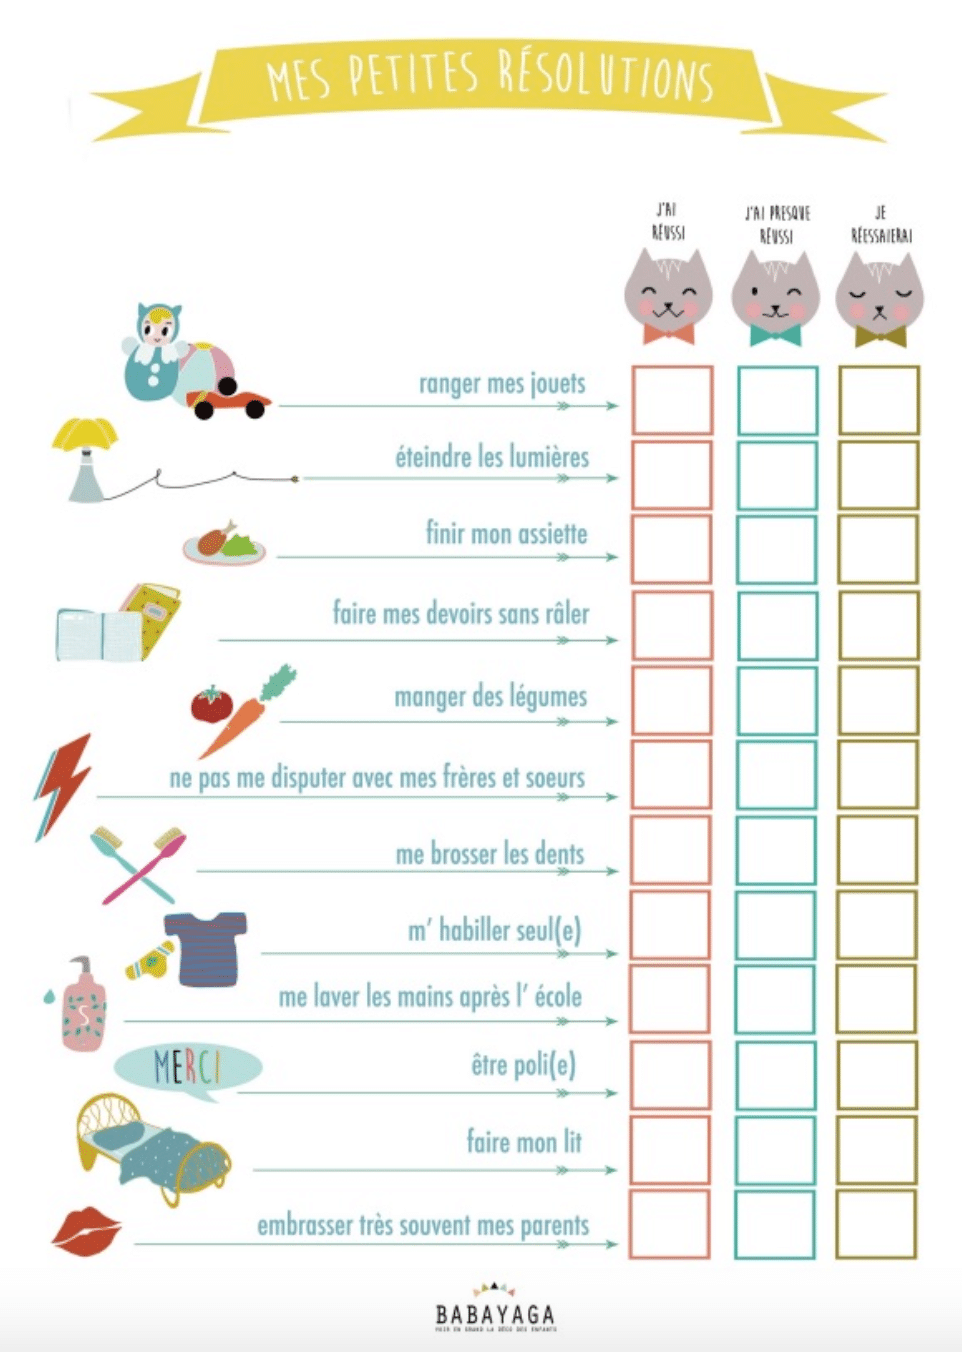 Résolutions Tableau enfants